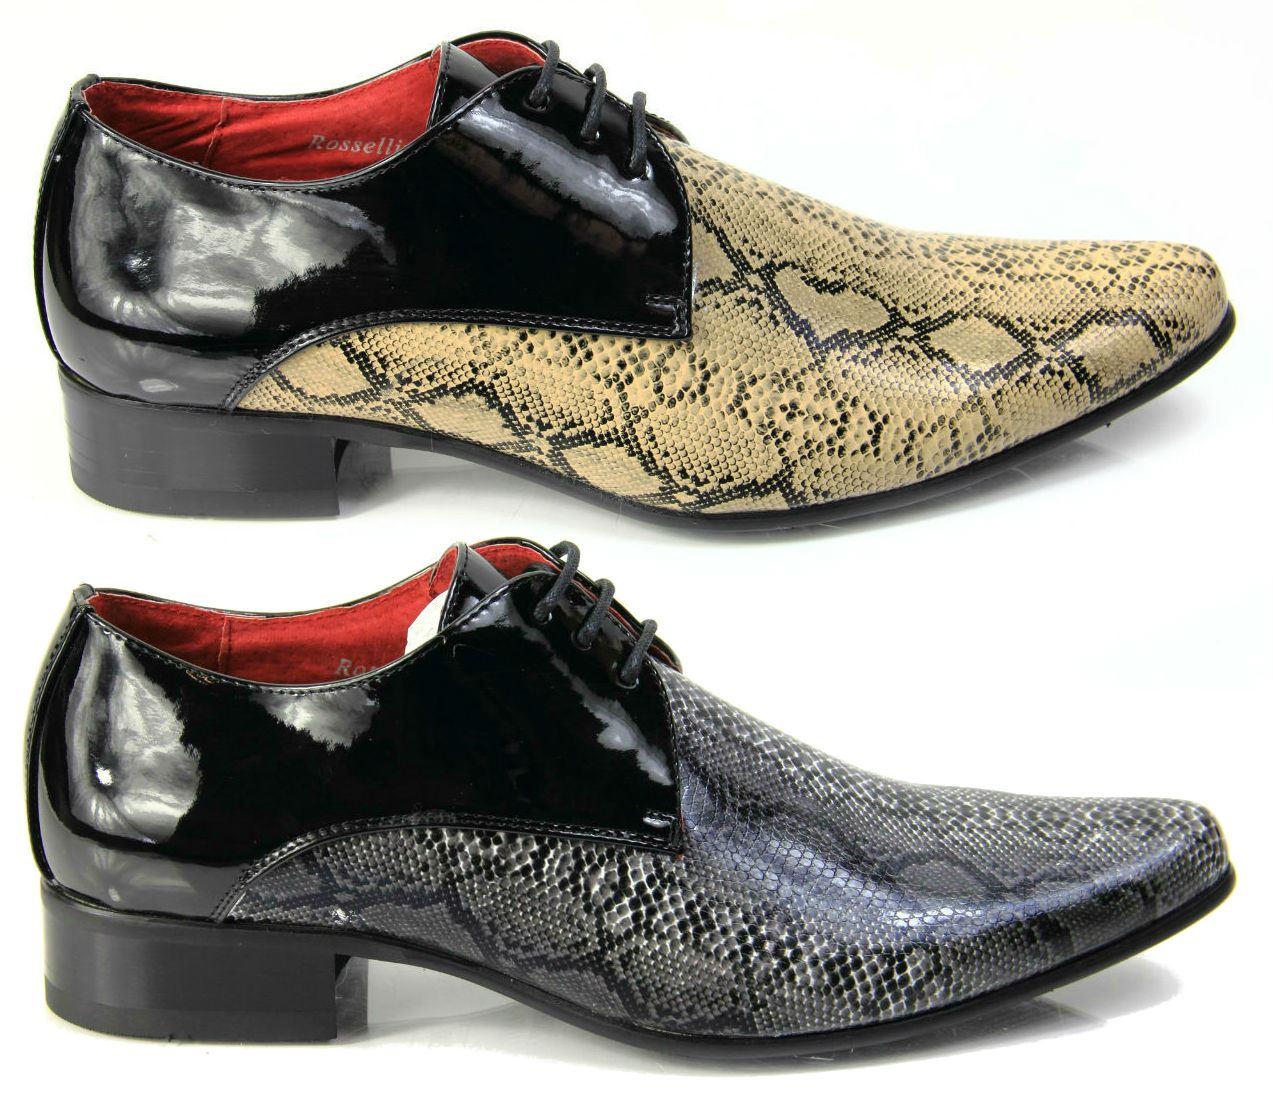 Mens Italian Designer Dress Shoes, Snakeskin Pointed